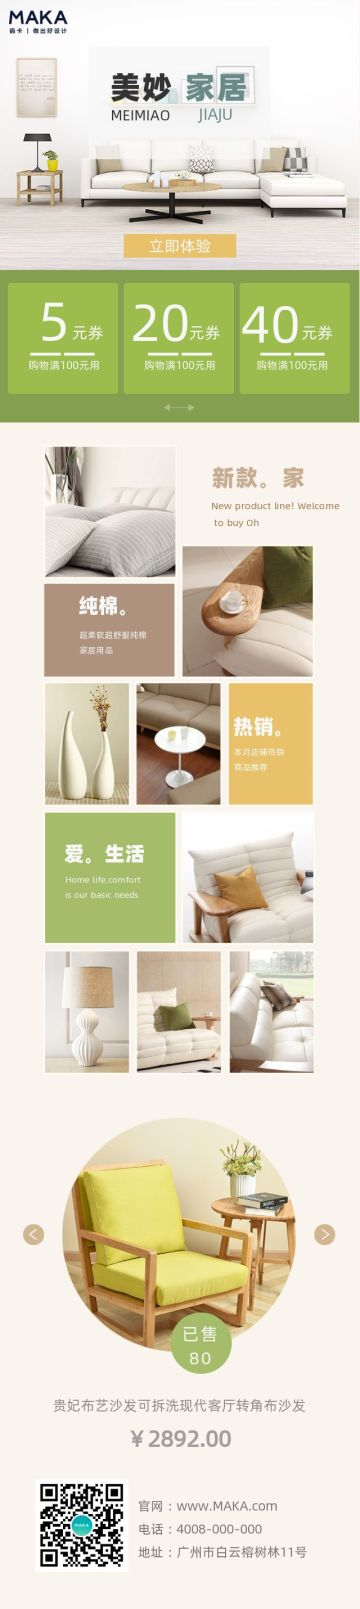 绿色清新家装节促销产品H5长页模板